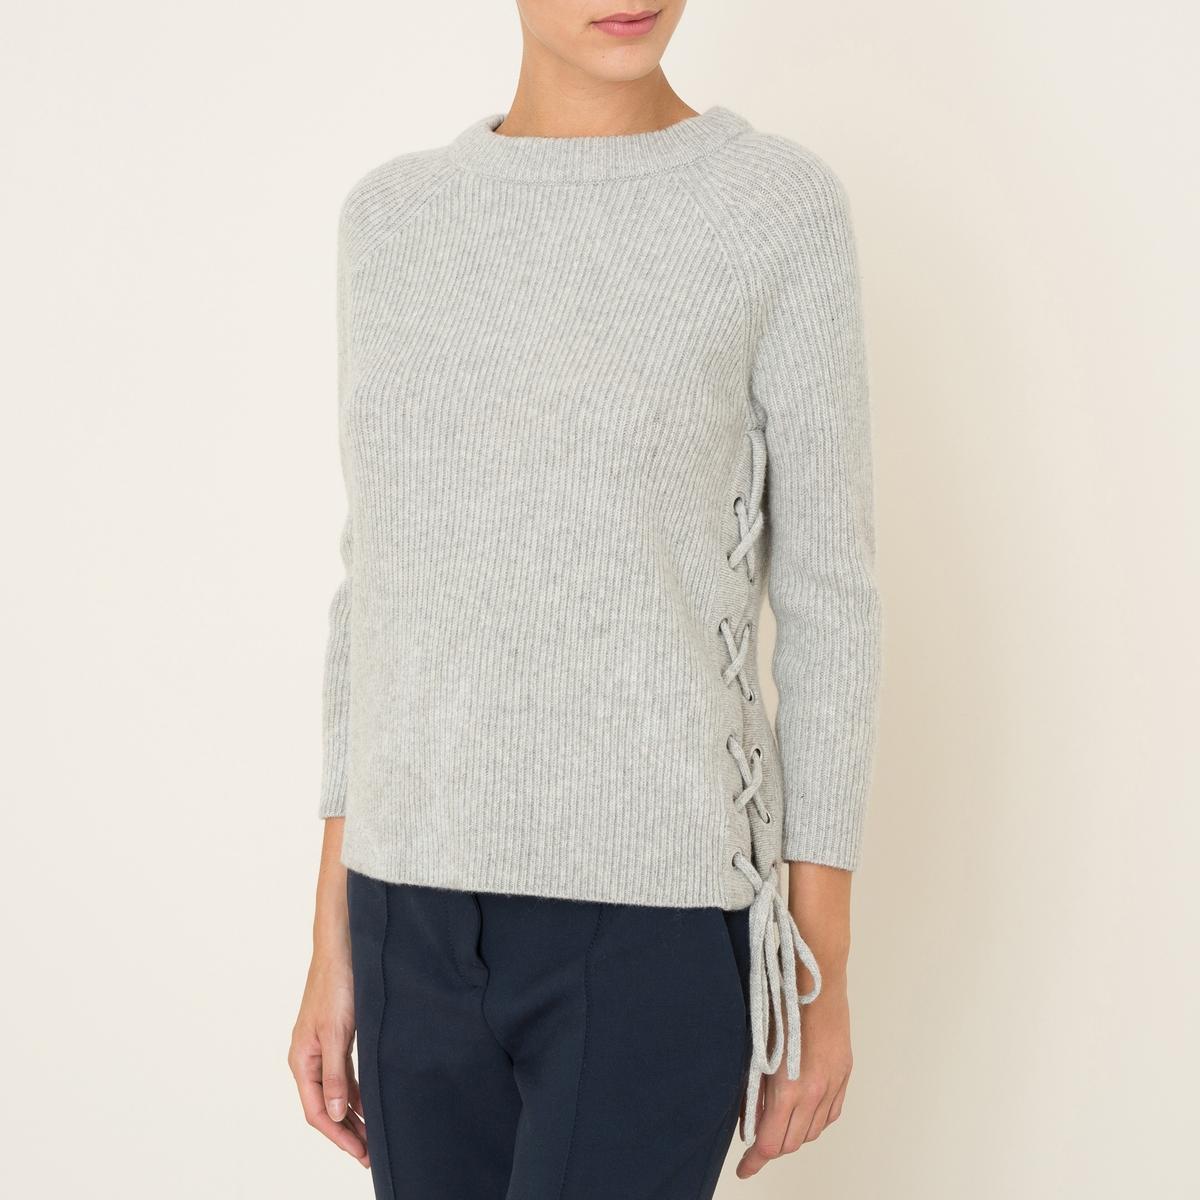 Пуловер MINUSСостав и описание    Материал : 95% шерсти, 5% кашемира   Металлические люверсы с покрытием медью   Марка : BA&amp;SH<br><br>Цвет: светло-серый,темно-синий<br>Размер: XS